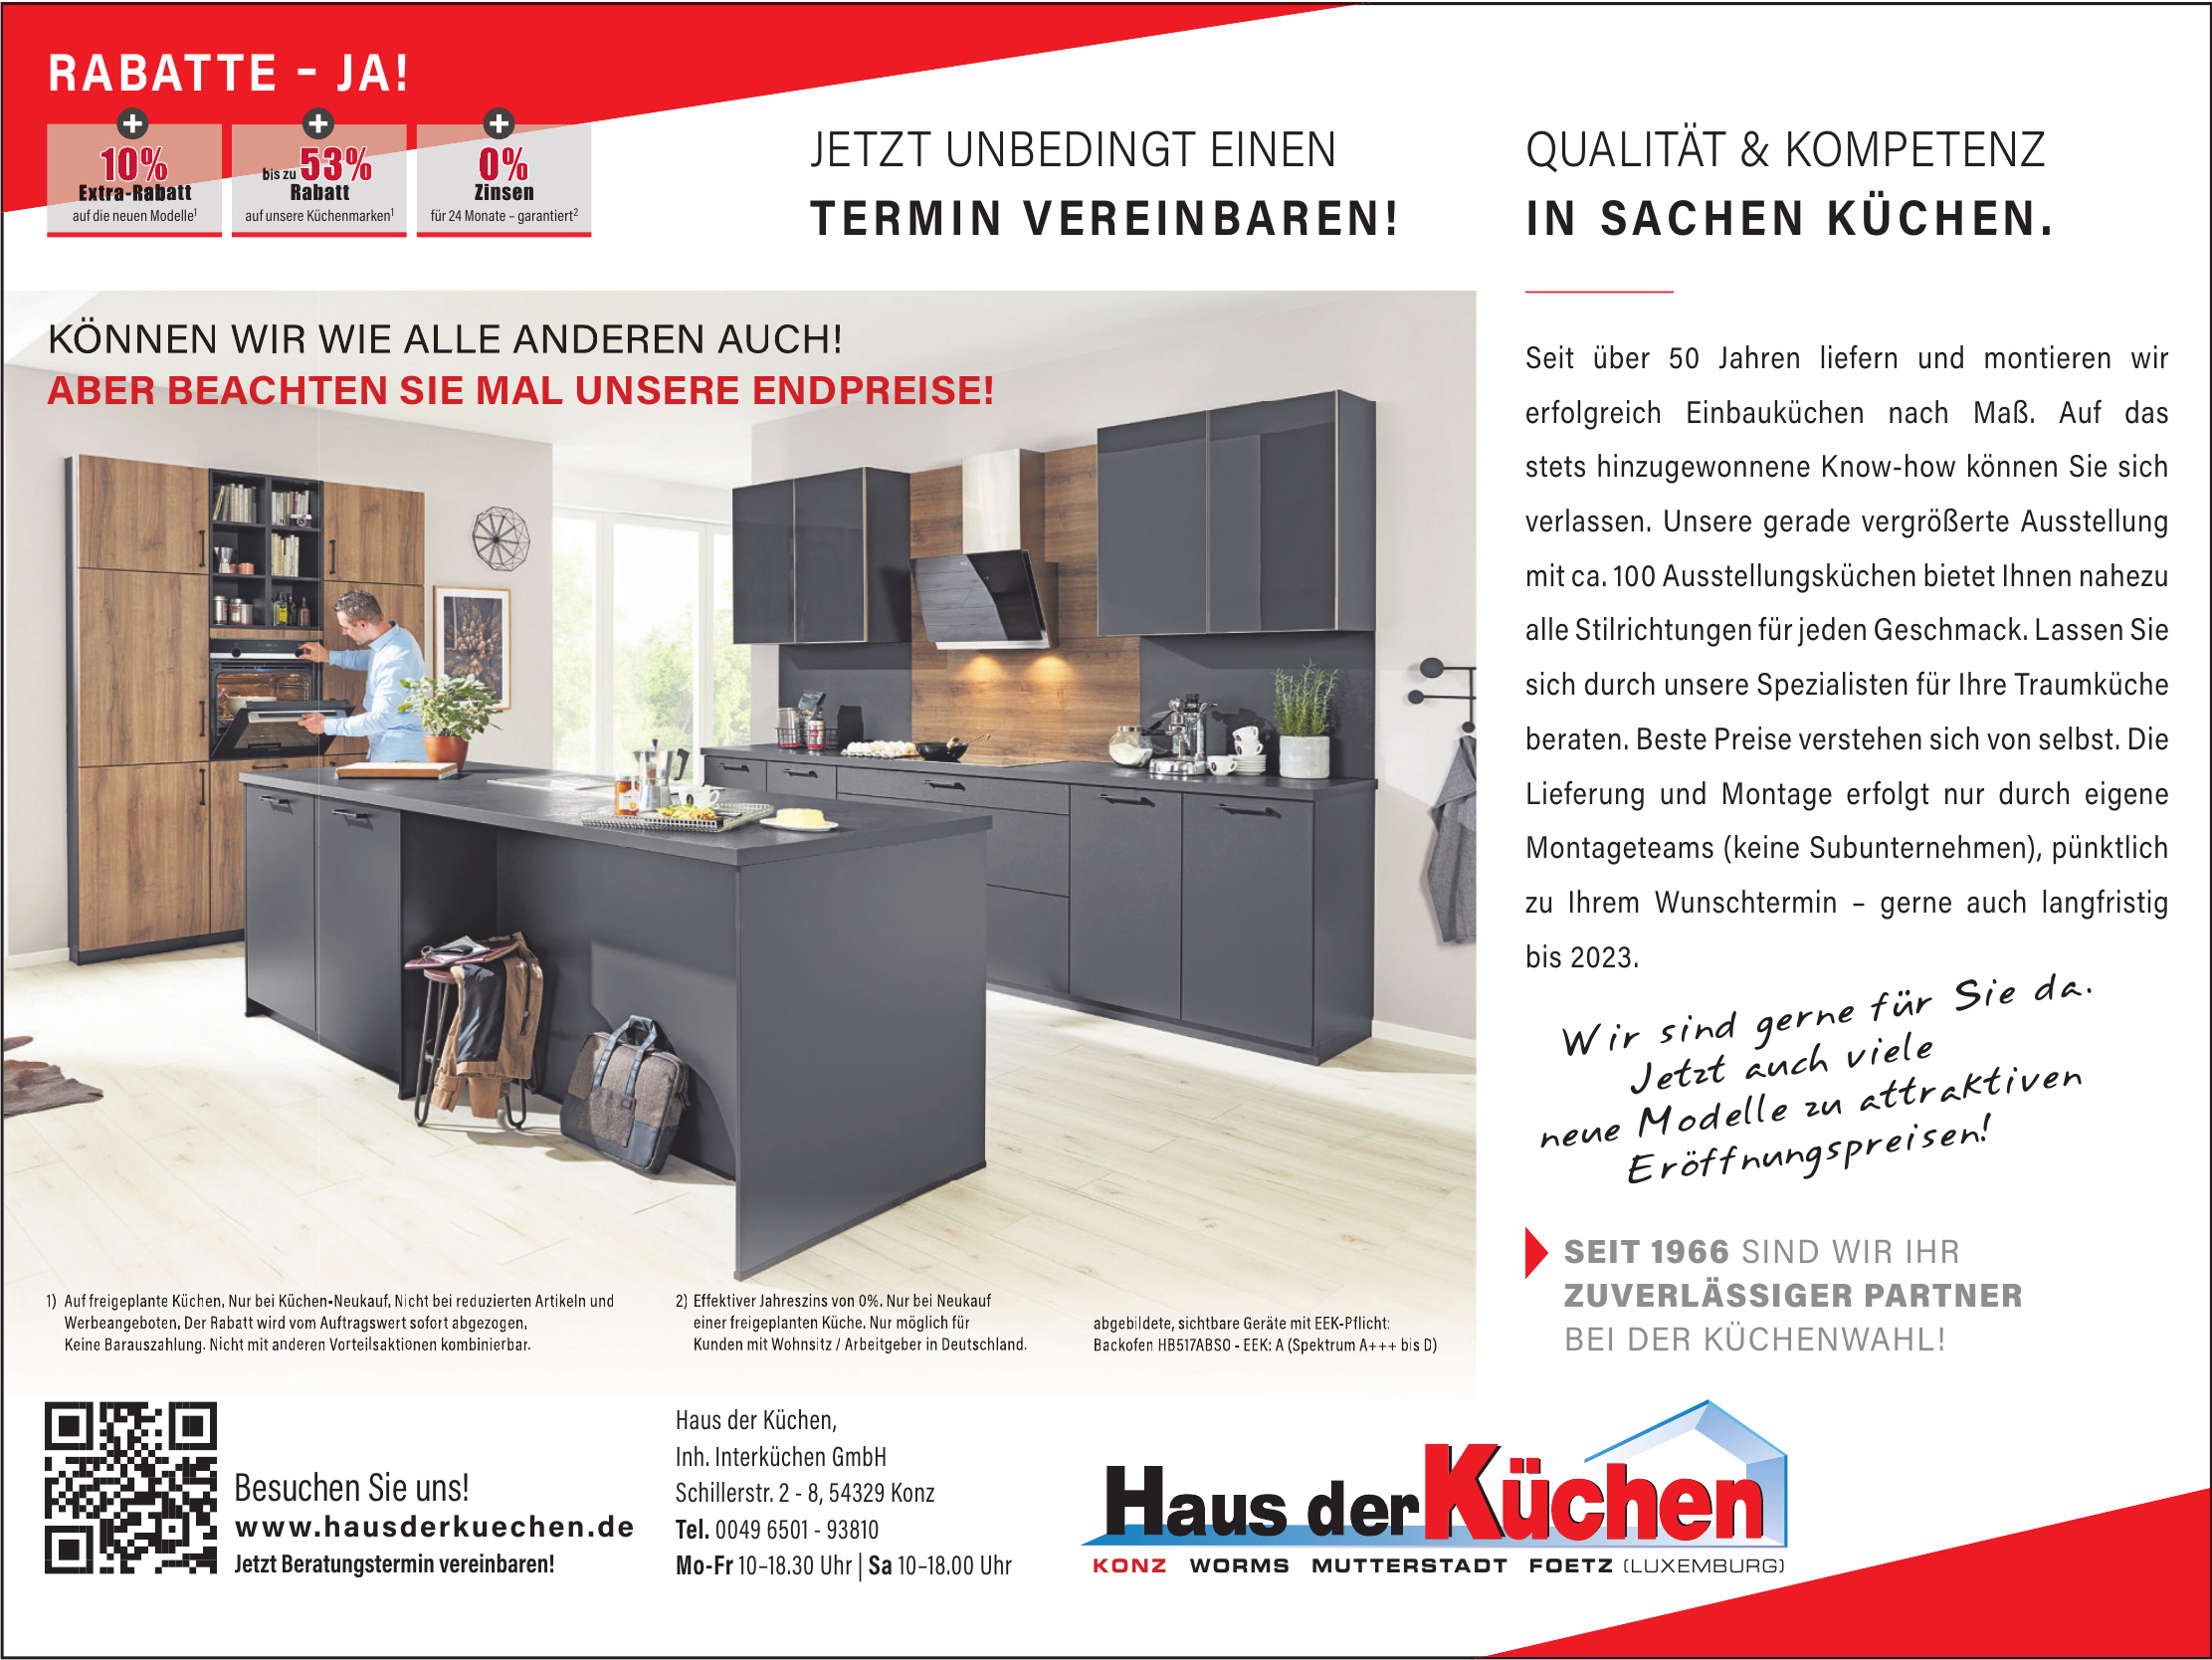 Haus der Küchen inh. interküchen GmbH